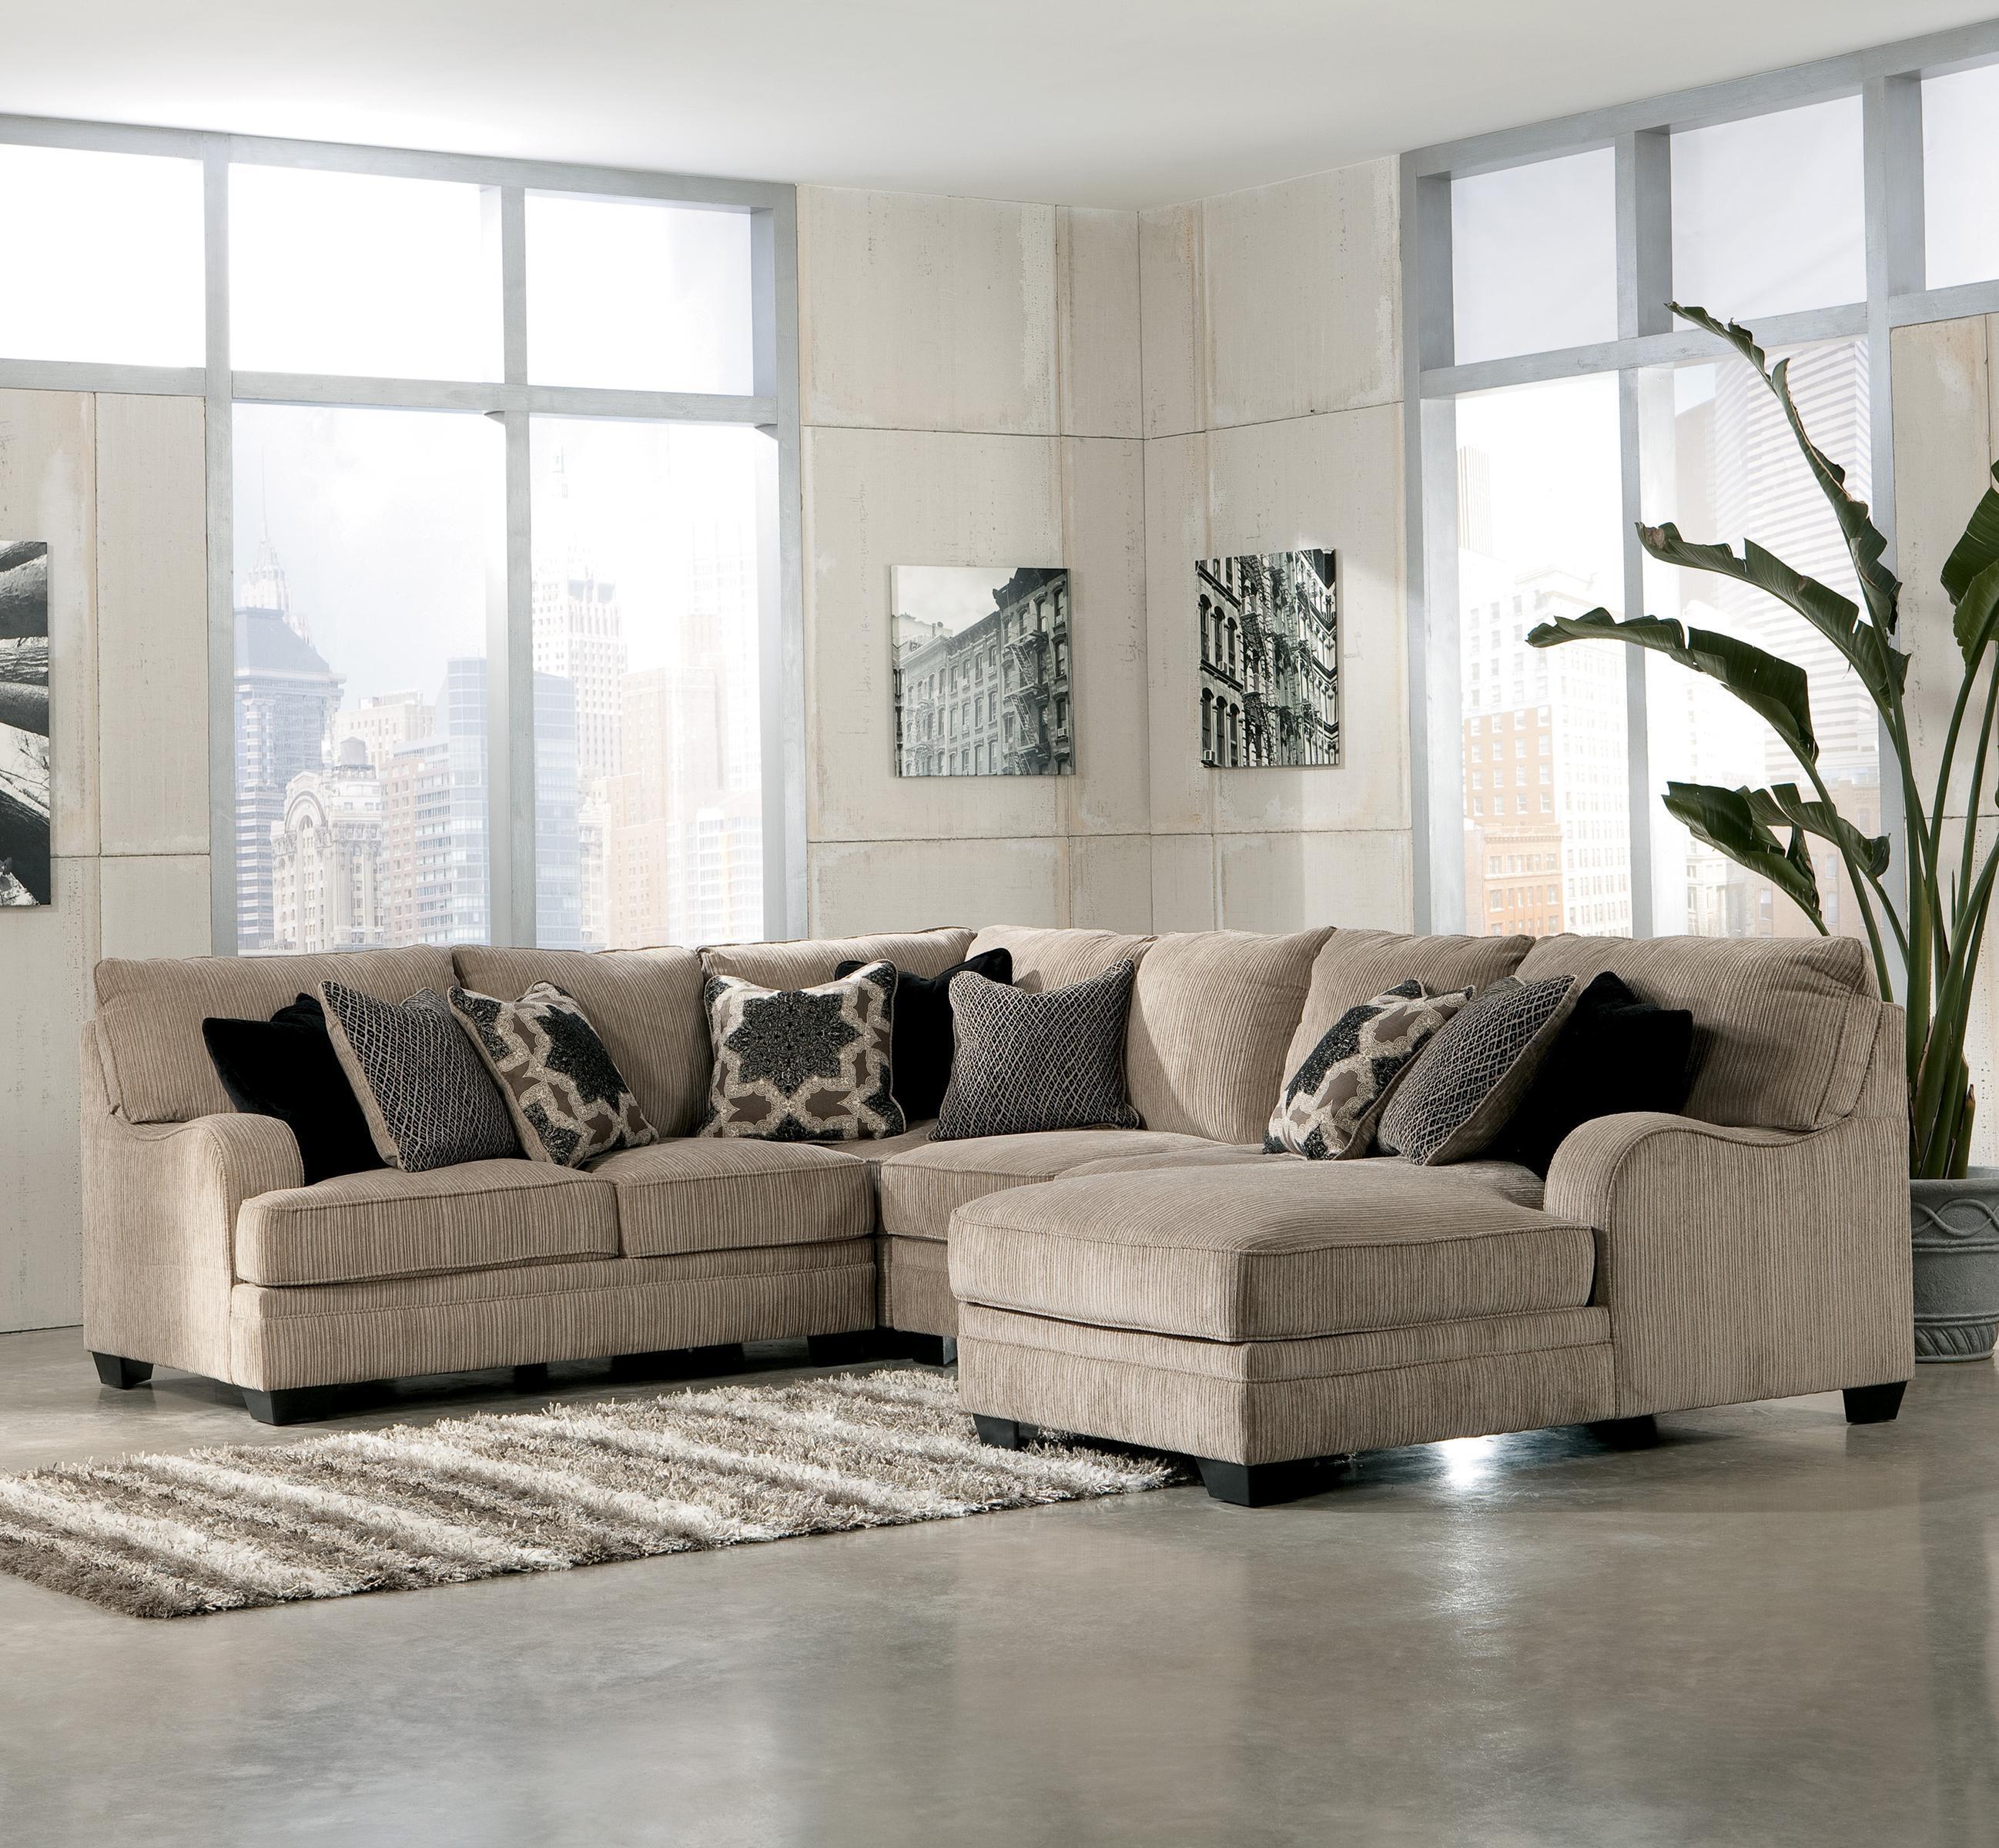 Signature Designashley Katisha – Platinum 5 Piece Sectional For Signature Design Sectional Sofas (Image 19 of 20)